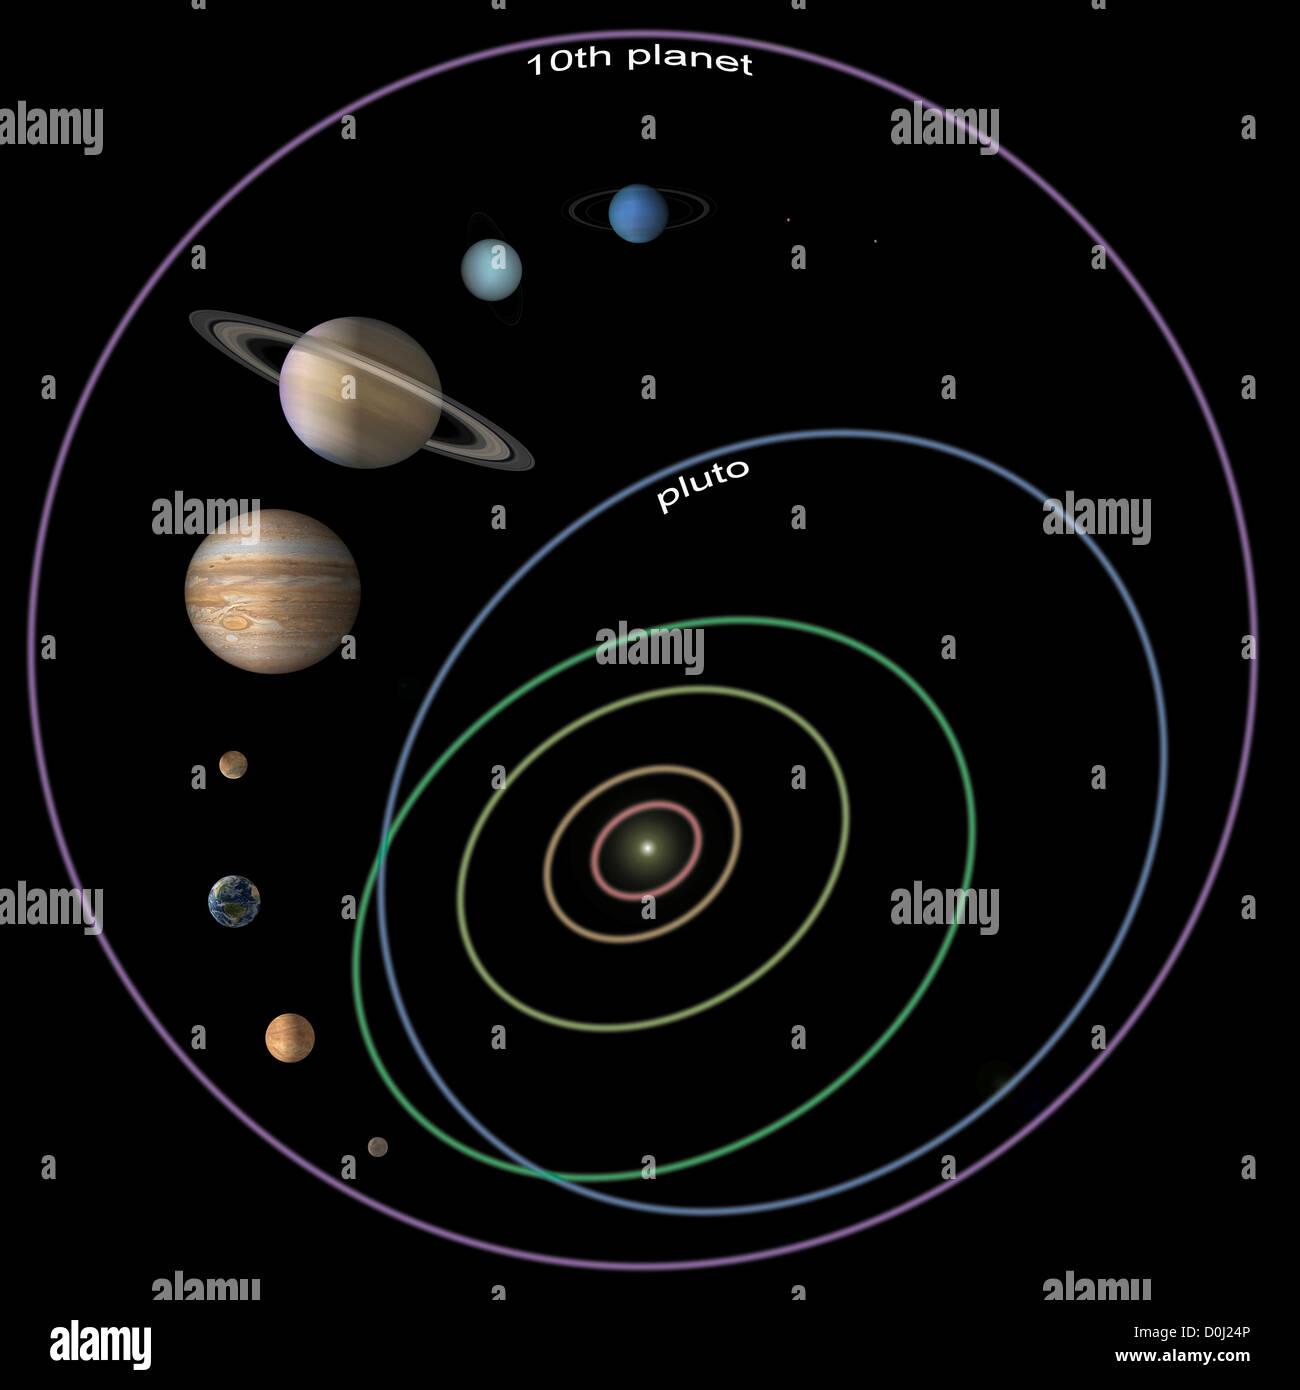 Umlaufbahn Der Planeten